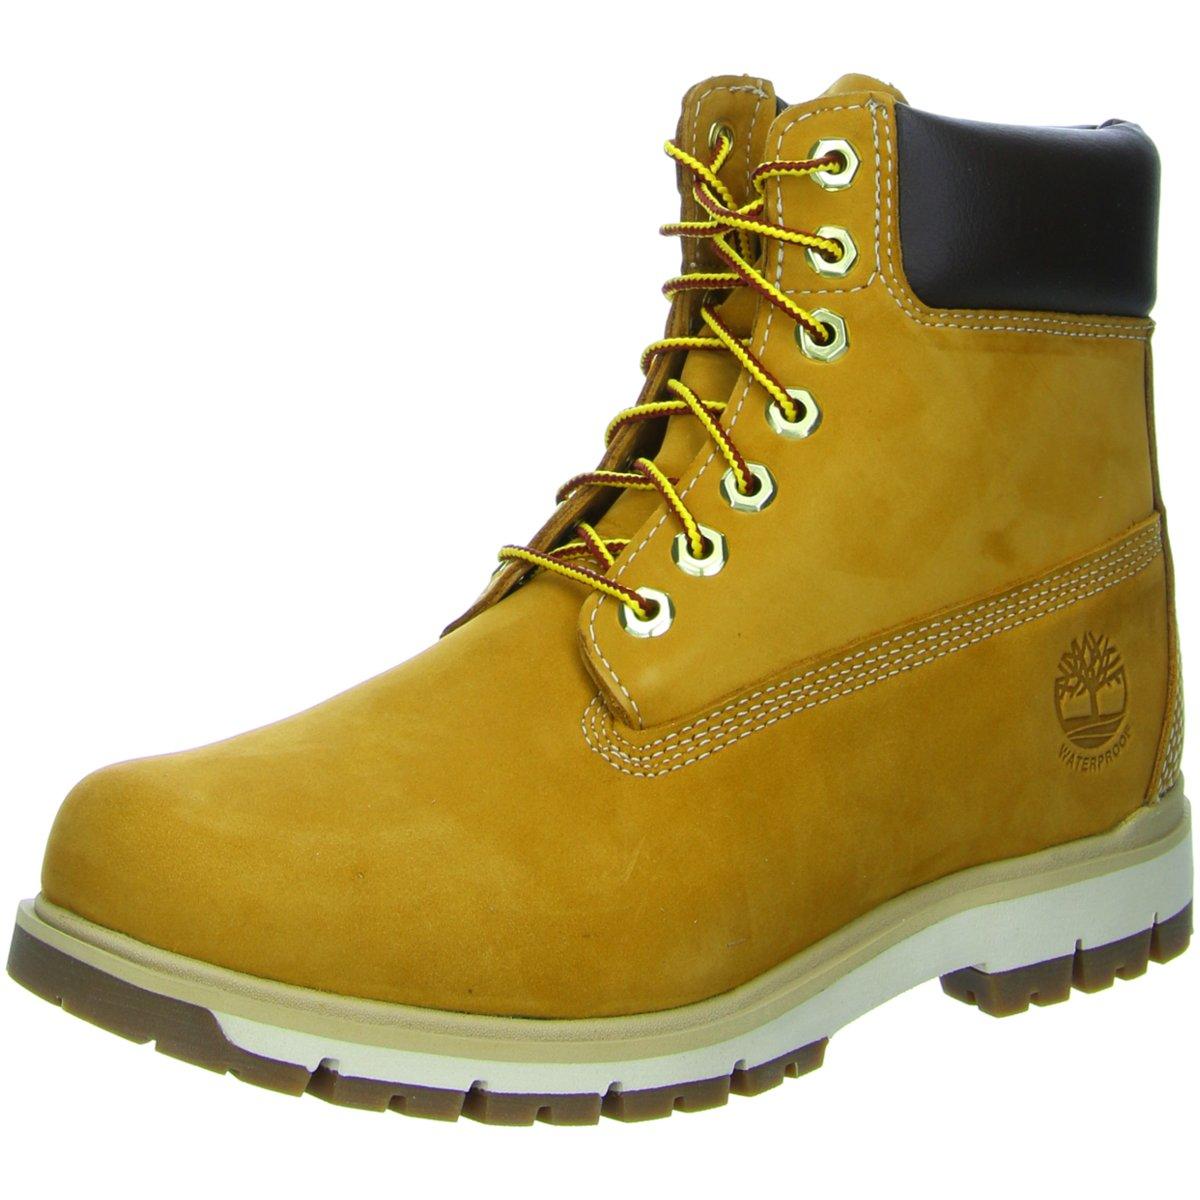 Details zu NEU Timberland Herren Stiefel Radford 6 Inch Boot Stiefel Herren  Schuhe braun 7693c0690c